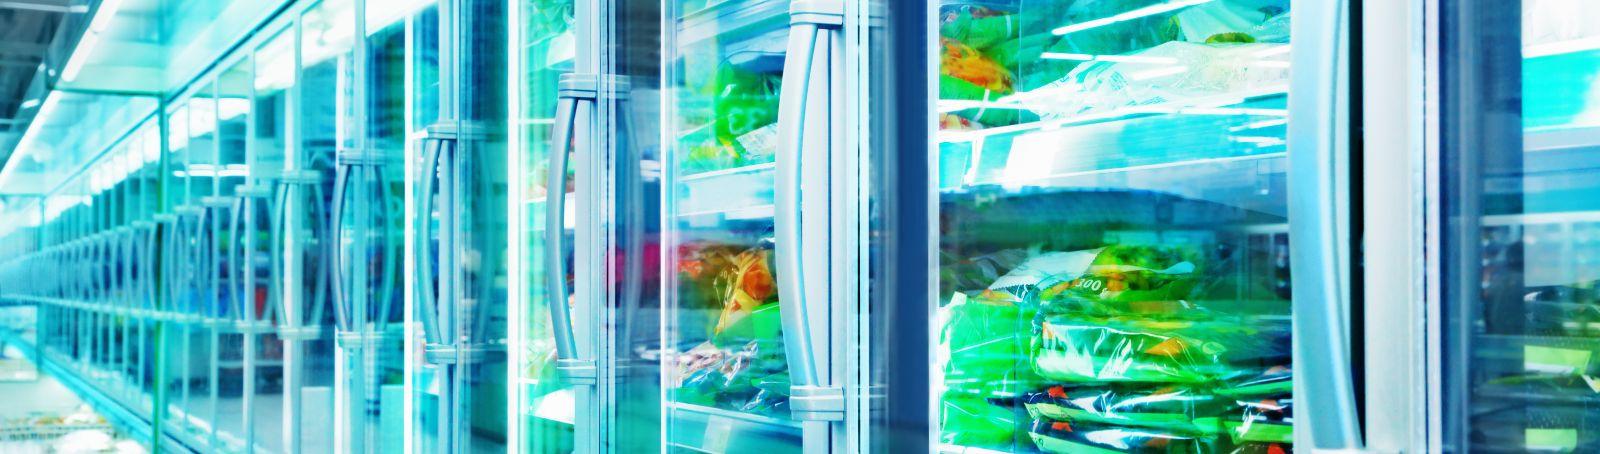 In Supermärkten entfallen etwa 50 Prozent des elektrischen Energieverbrauches auf die Kühlung von Lebensmitteln.